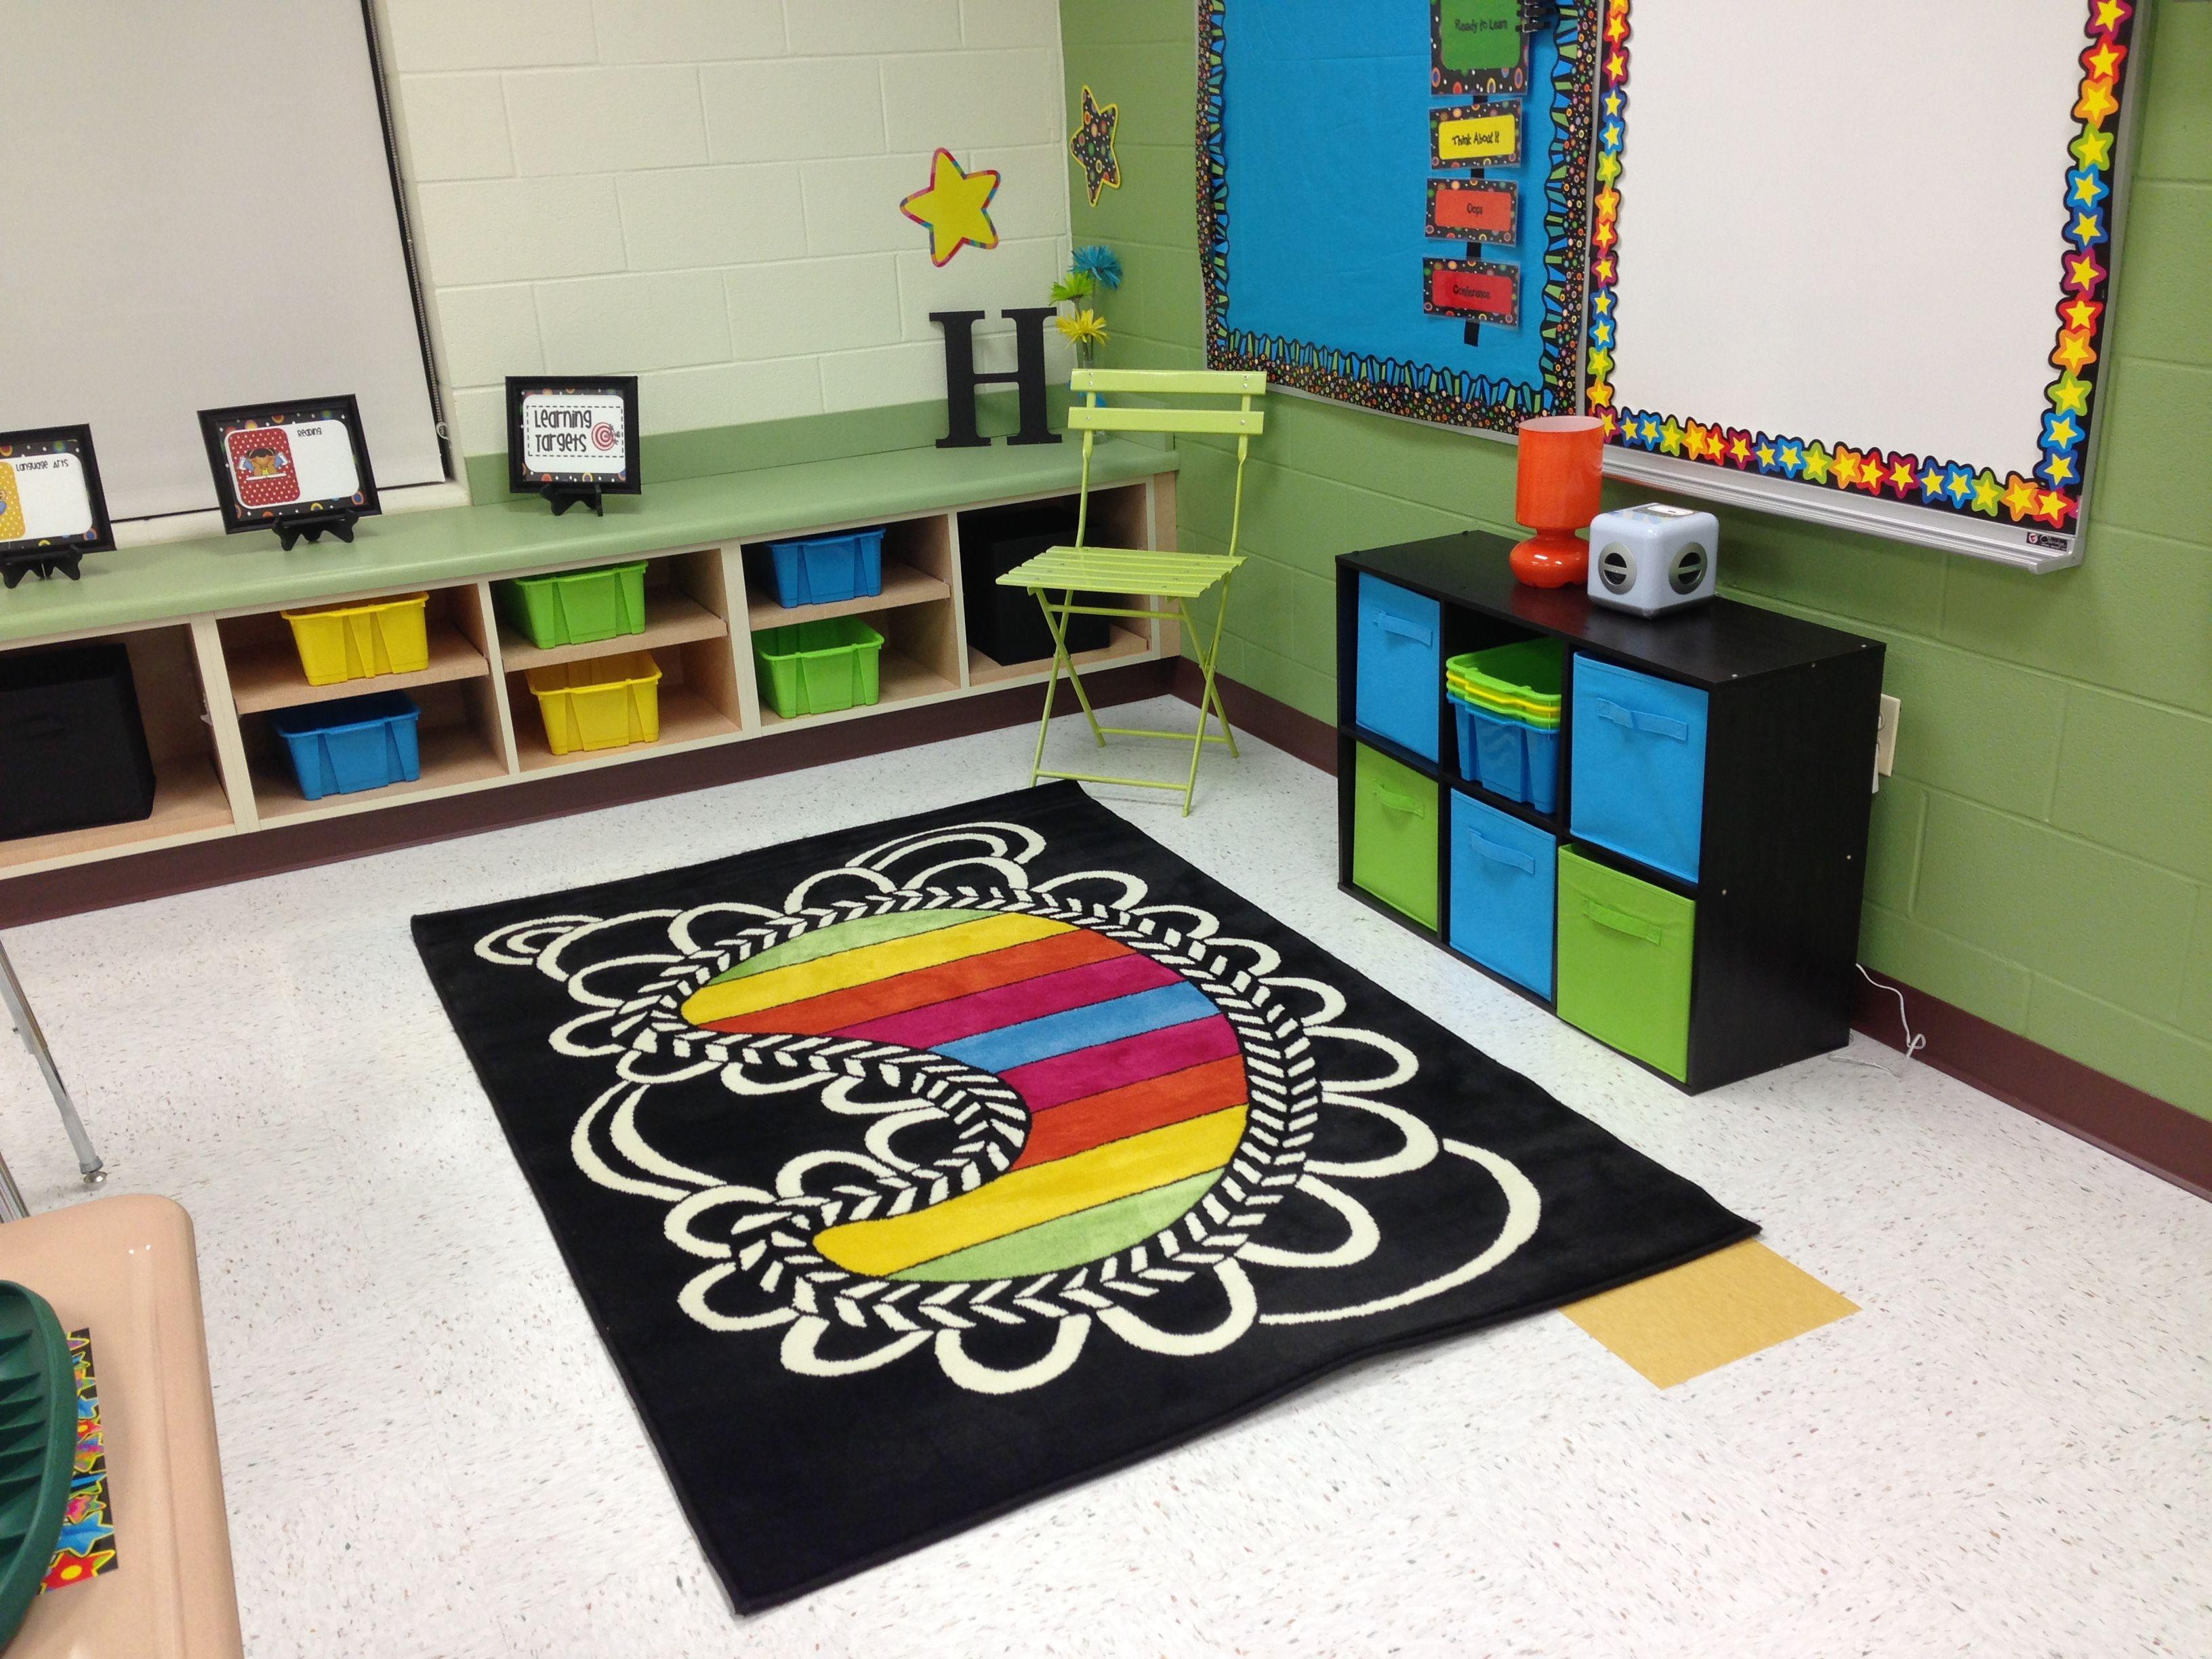 Classroom carpet area